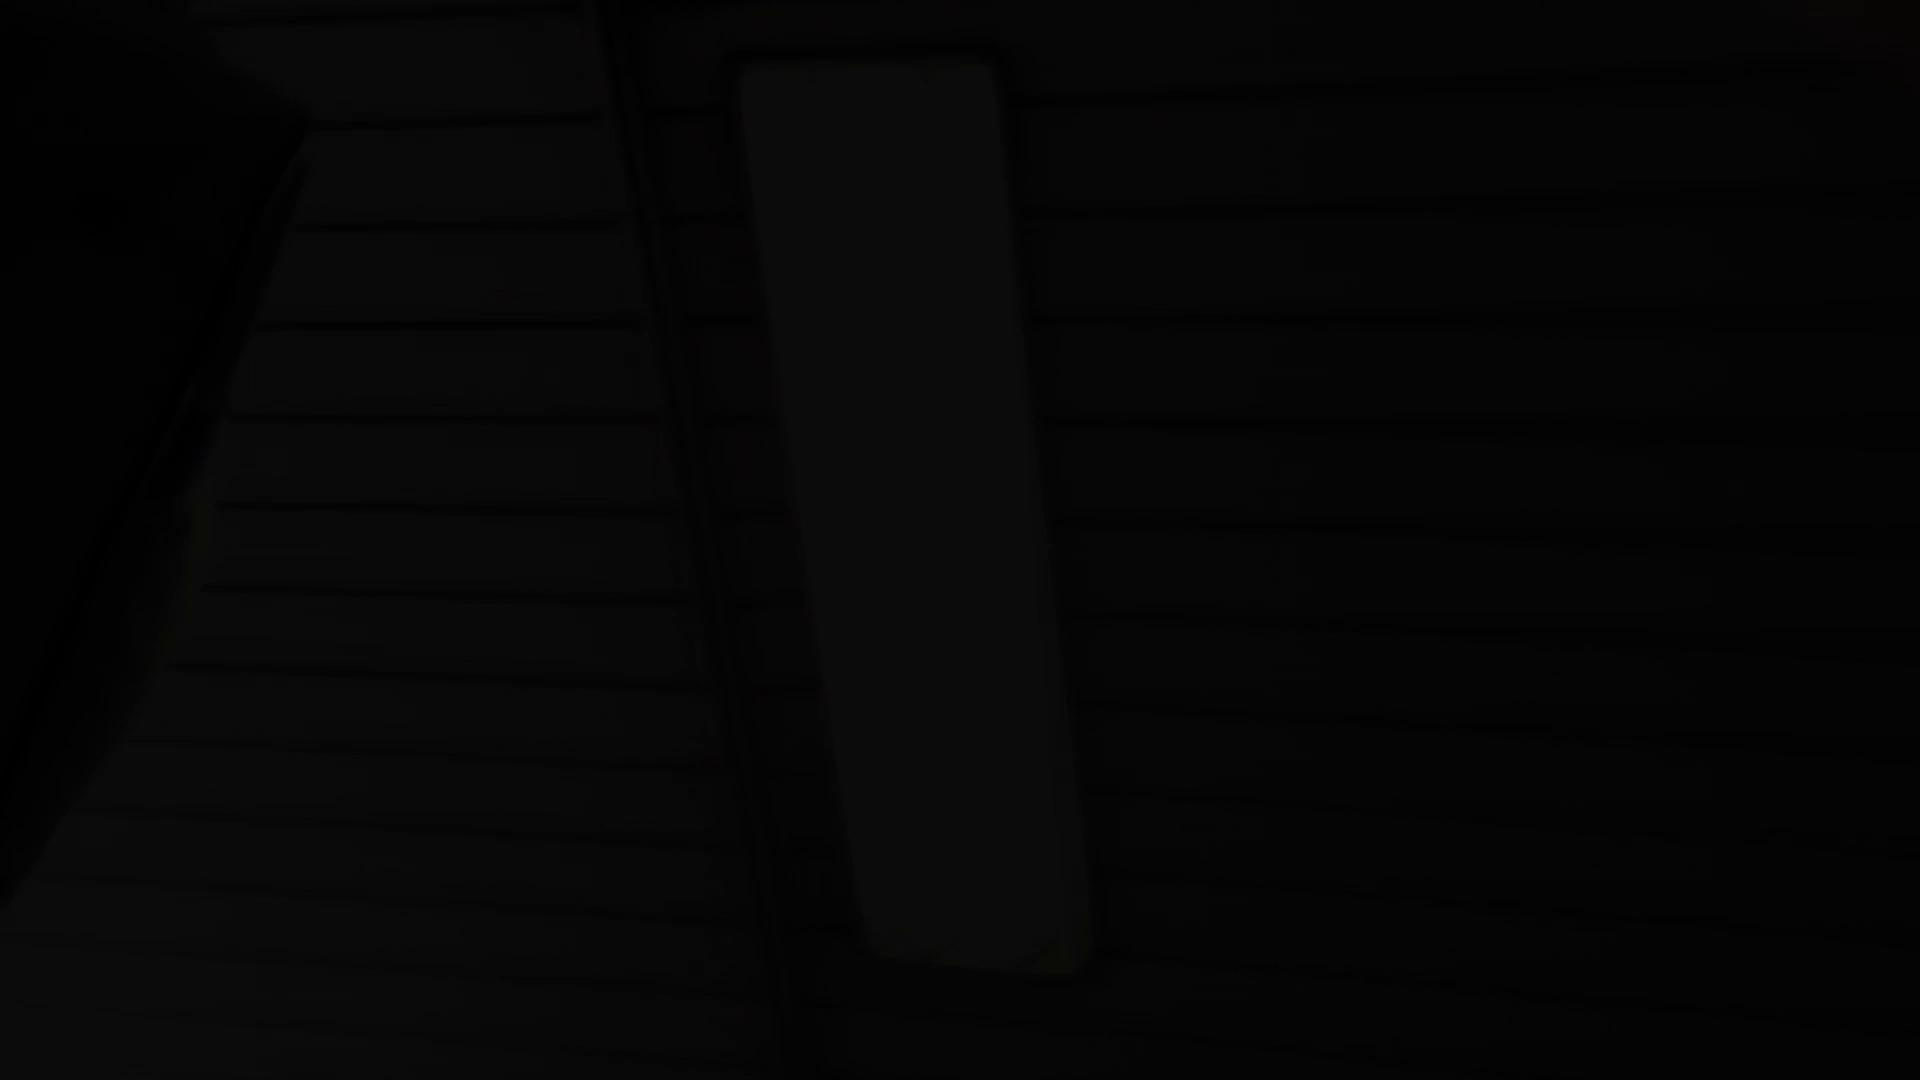 階段パンチラ Vol.02 パンツ大放出 | OLの実態  46pic 17